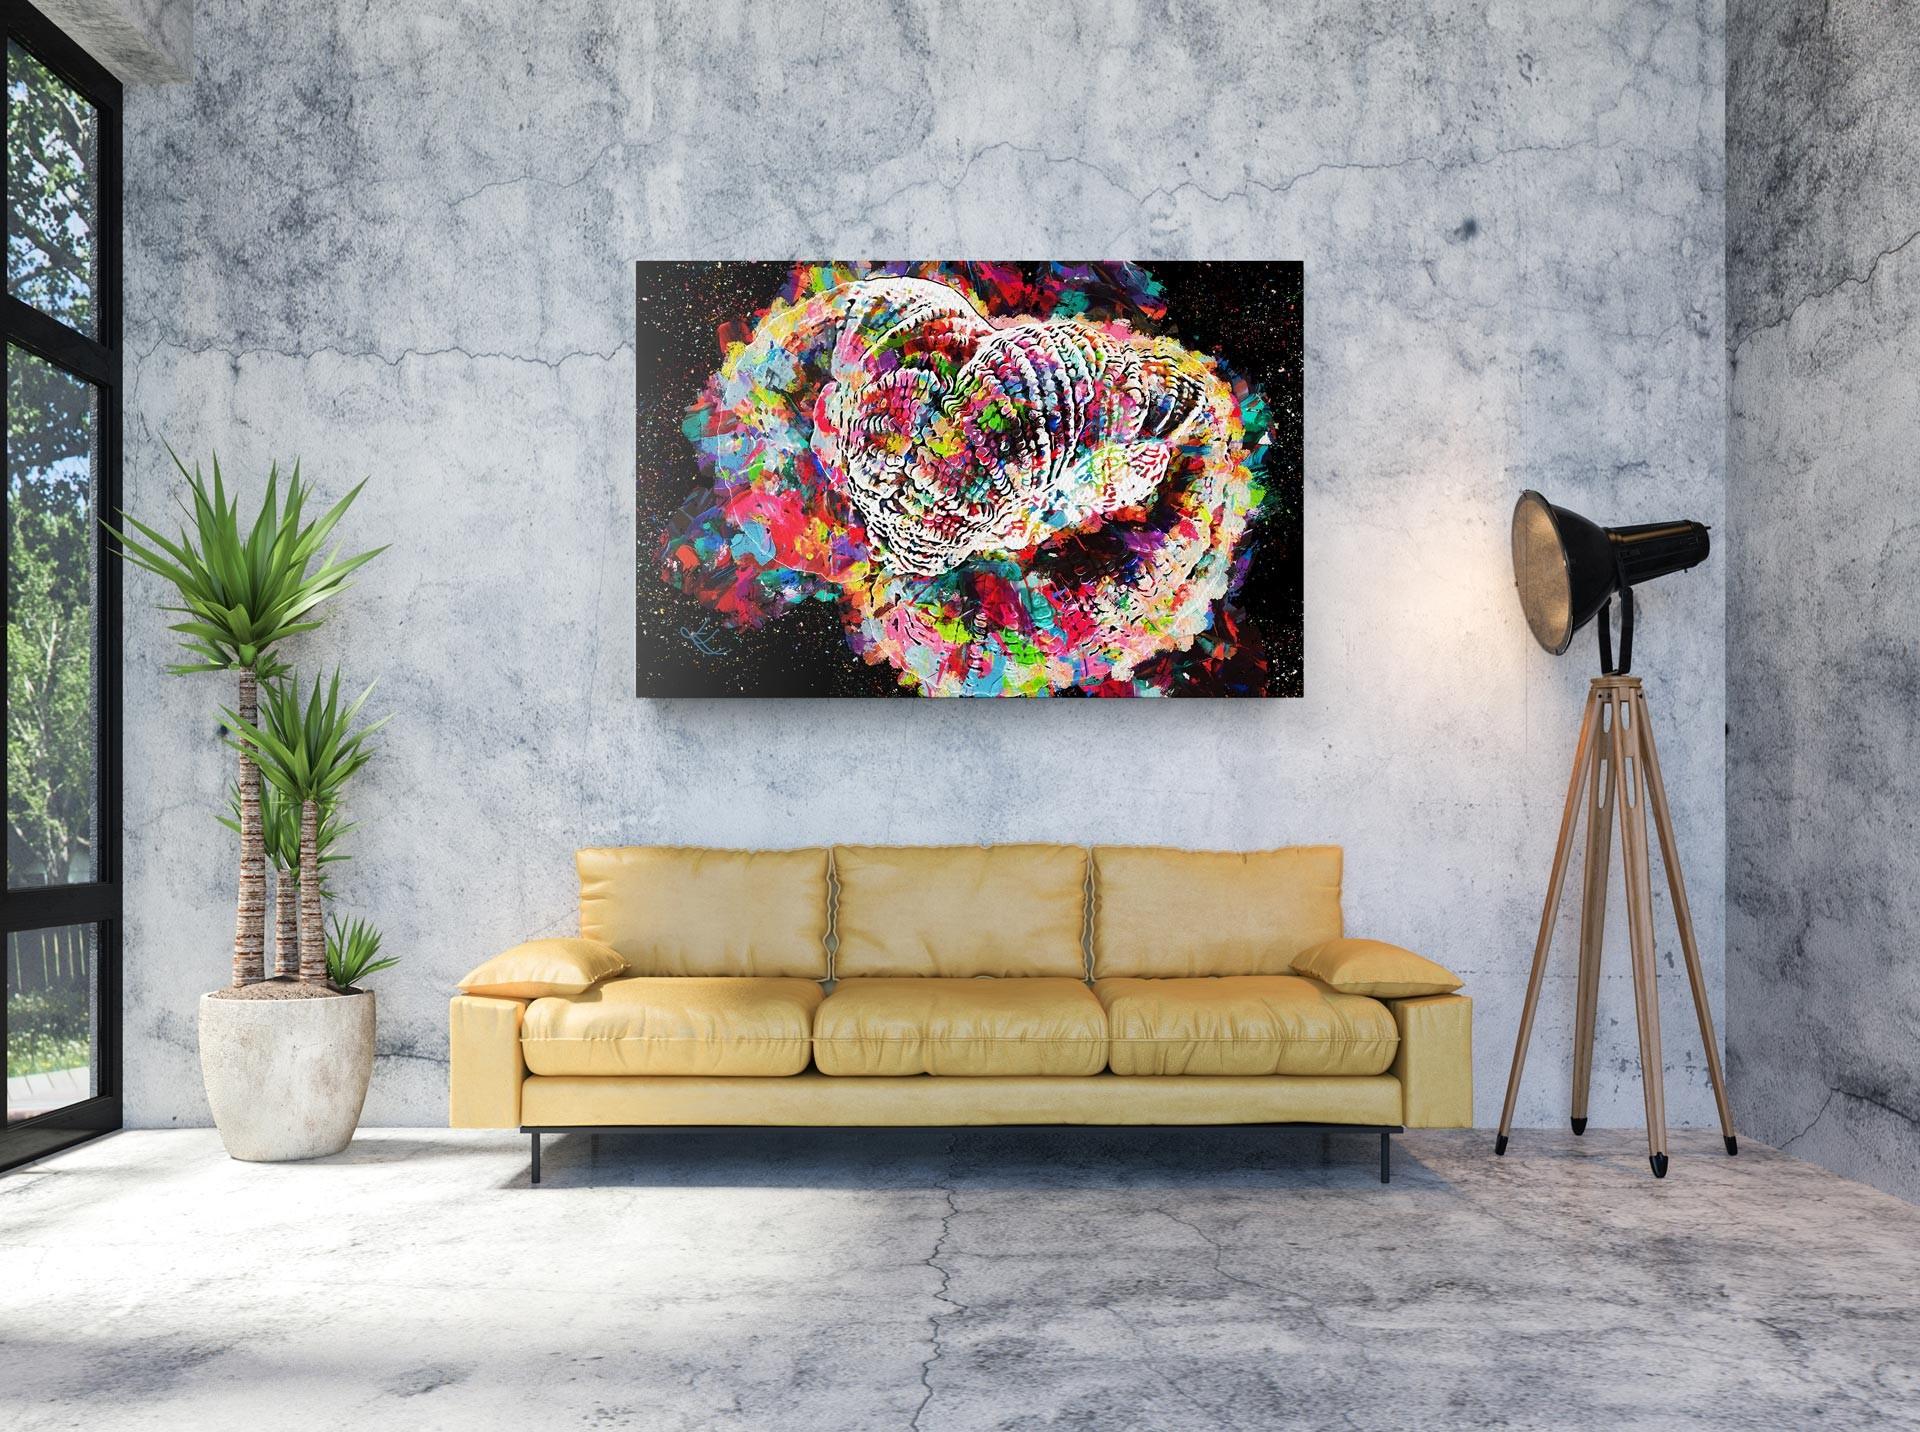 Obrazy inspirowane naturą